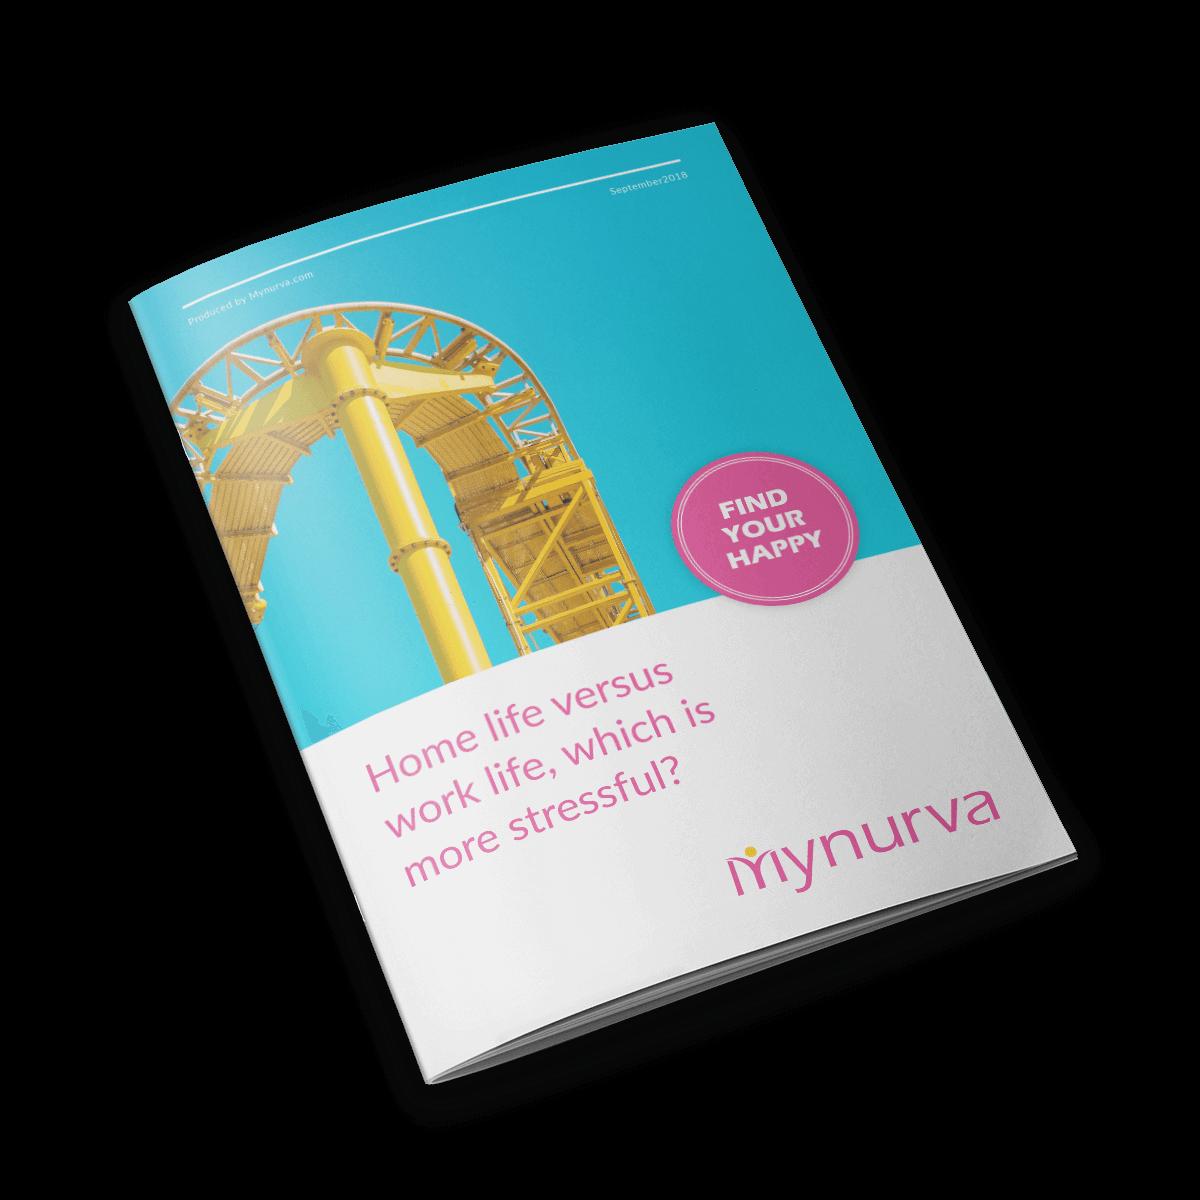 Mynurva-C2-BoFu-Cover-img.png